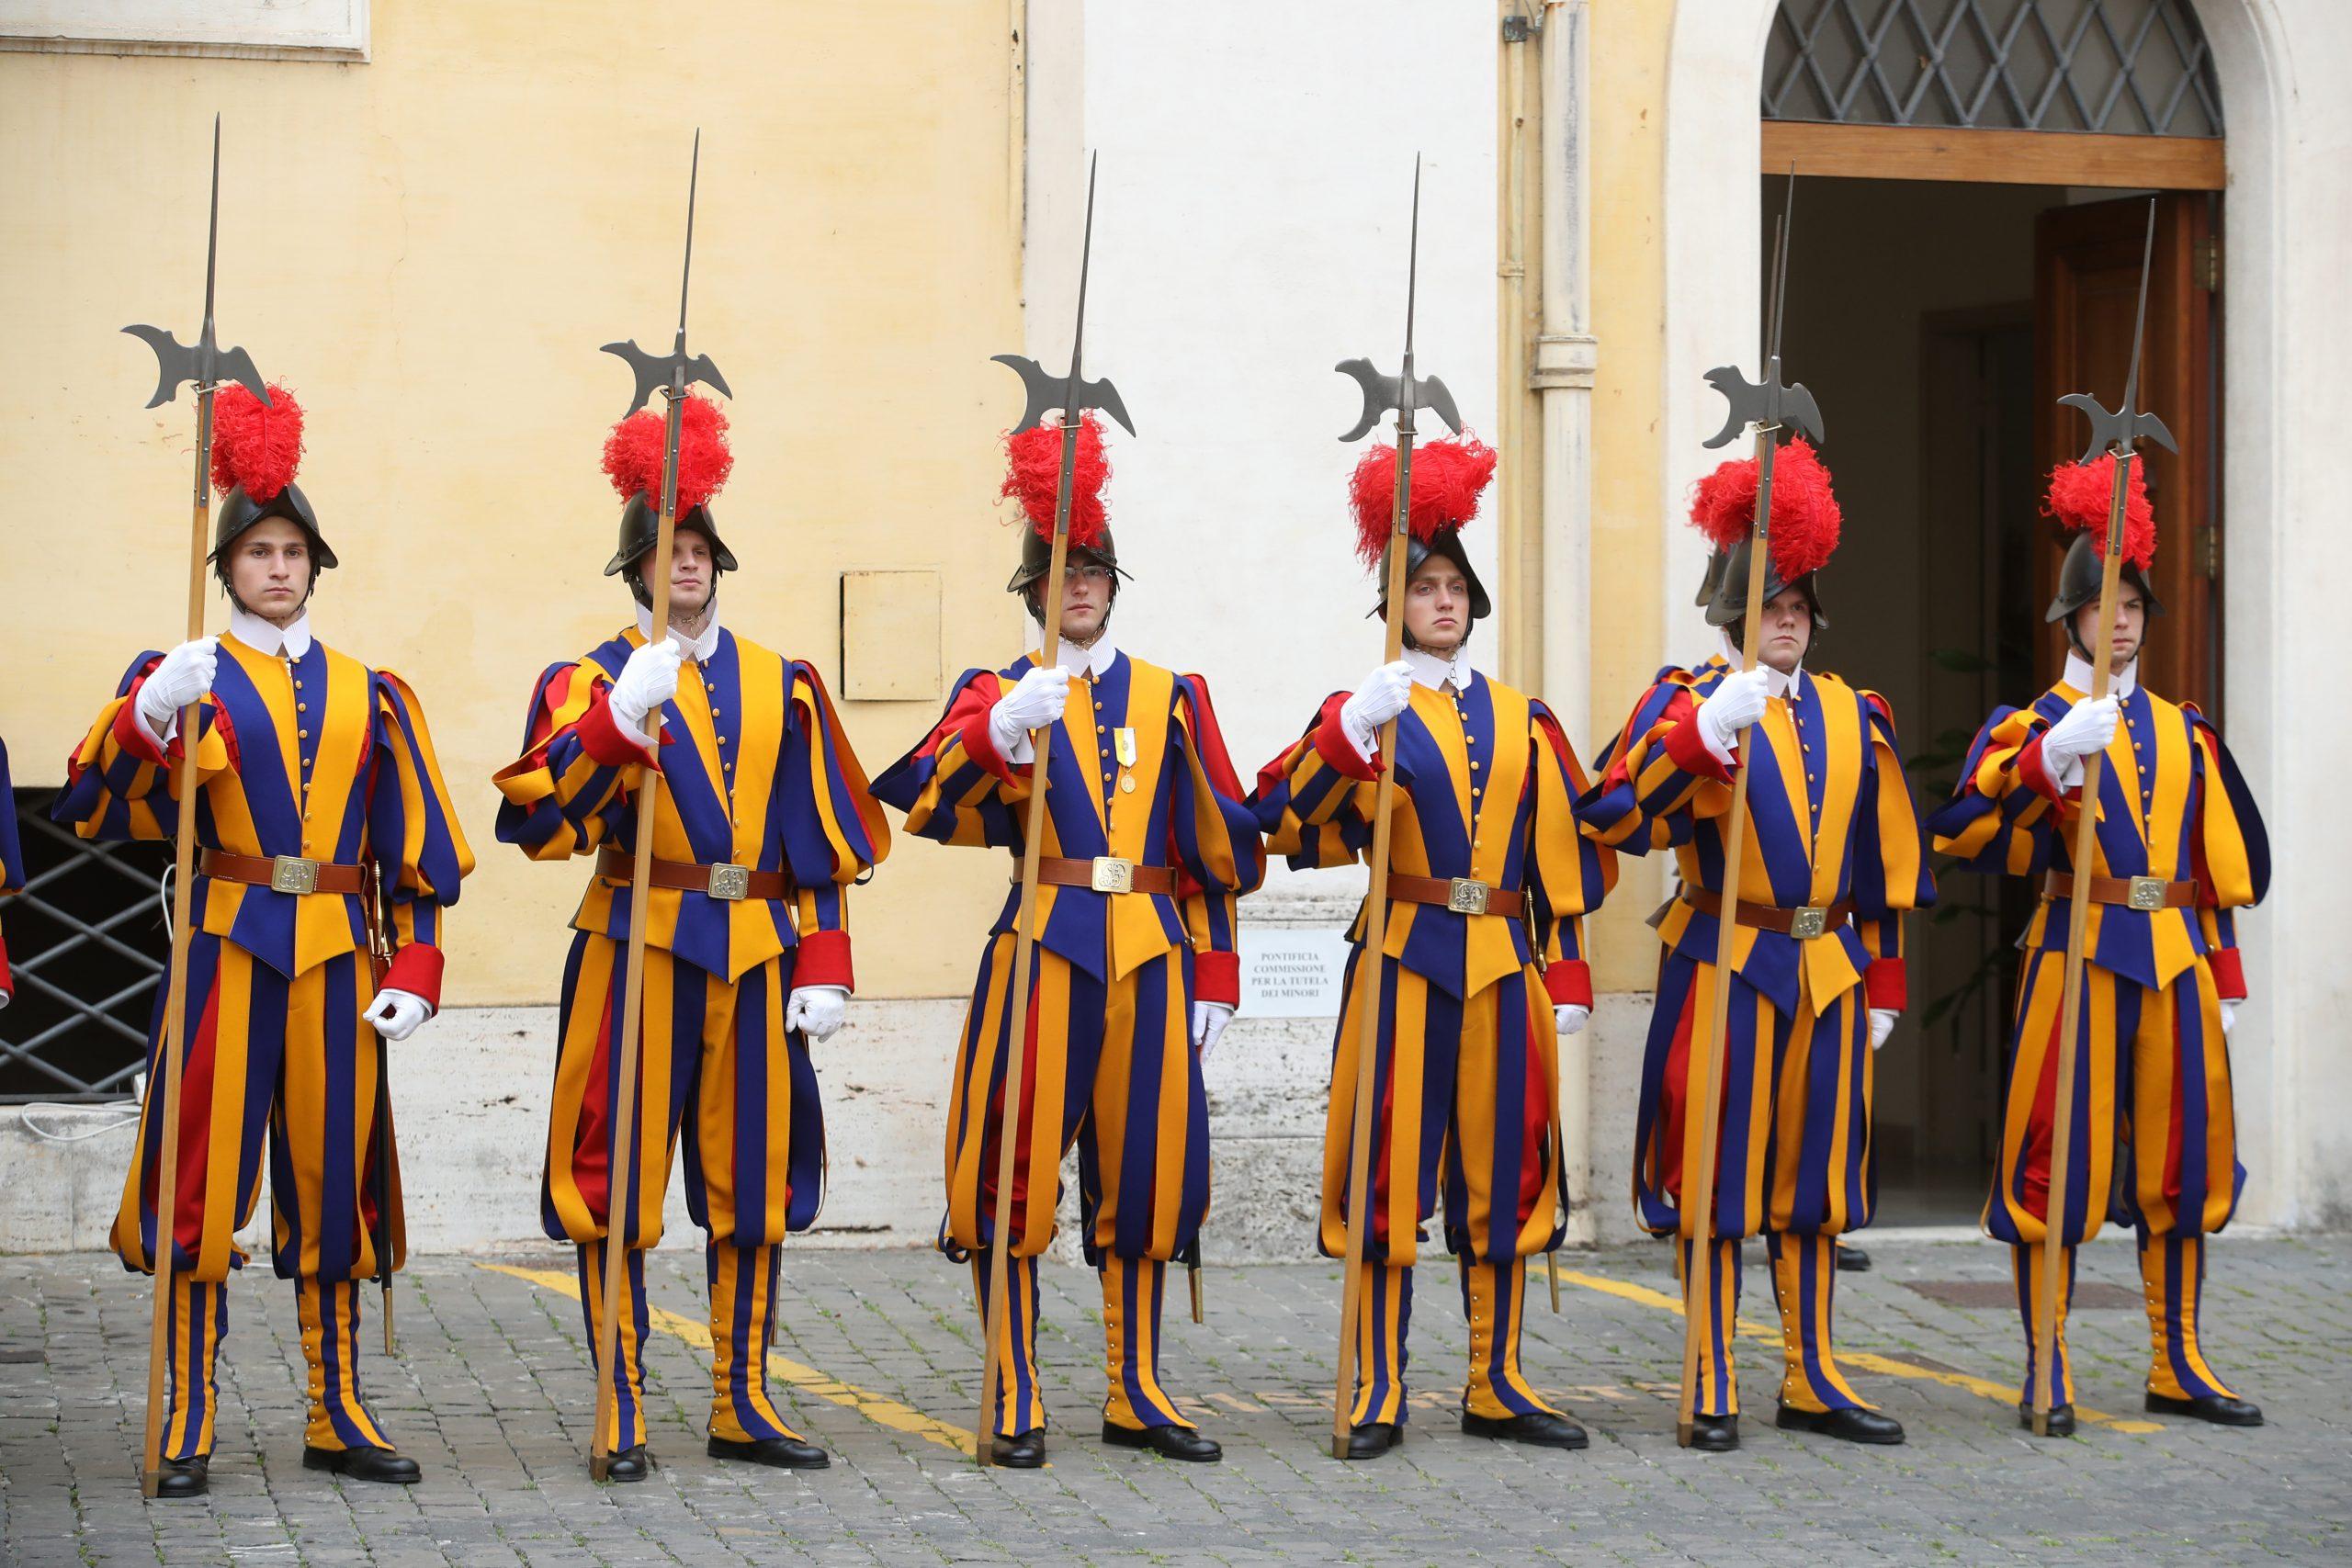 El Vaticano confirma caso de coronavirus en la residencia del Papa